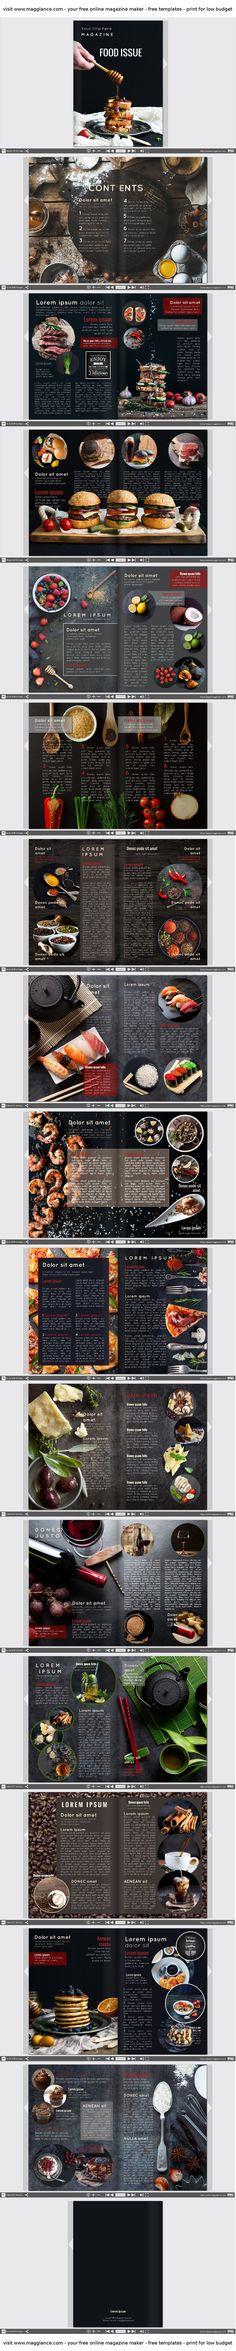 Tijdschrift gratis online maken en goedkoop afdrukken onder  https://nl.magglance.com/tijdschrift/tijdschrift-maken #Tijdschrift #magazine # Tijdschrift #sjablonen #design #motief #voorbeeld #template #ontwerpen #samenstellen #layout #idee